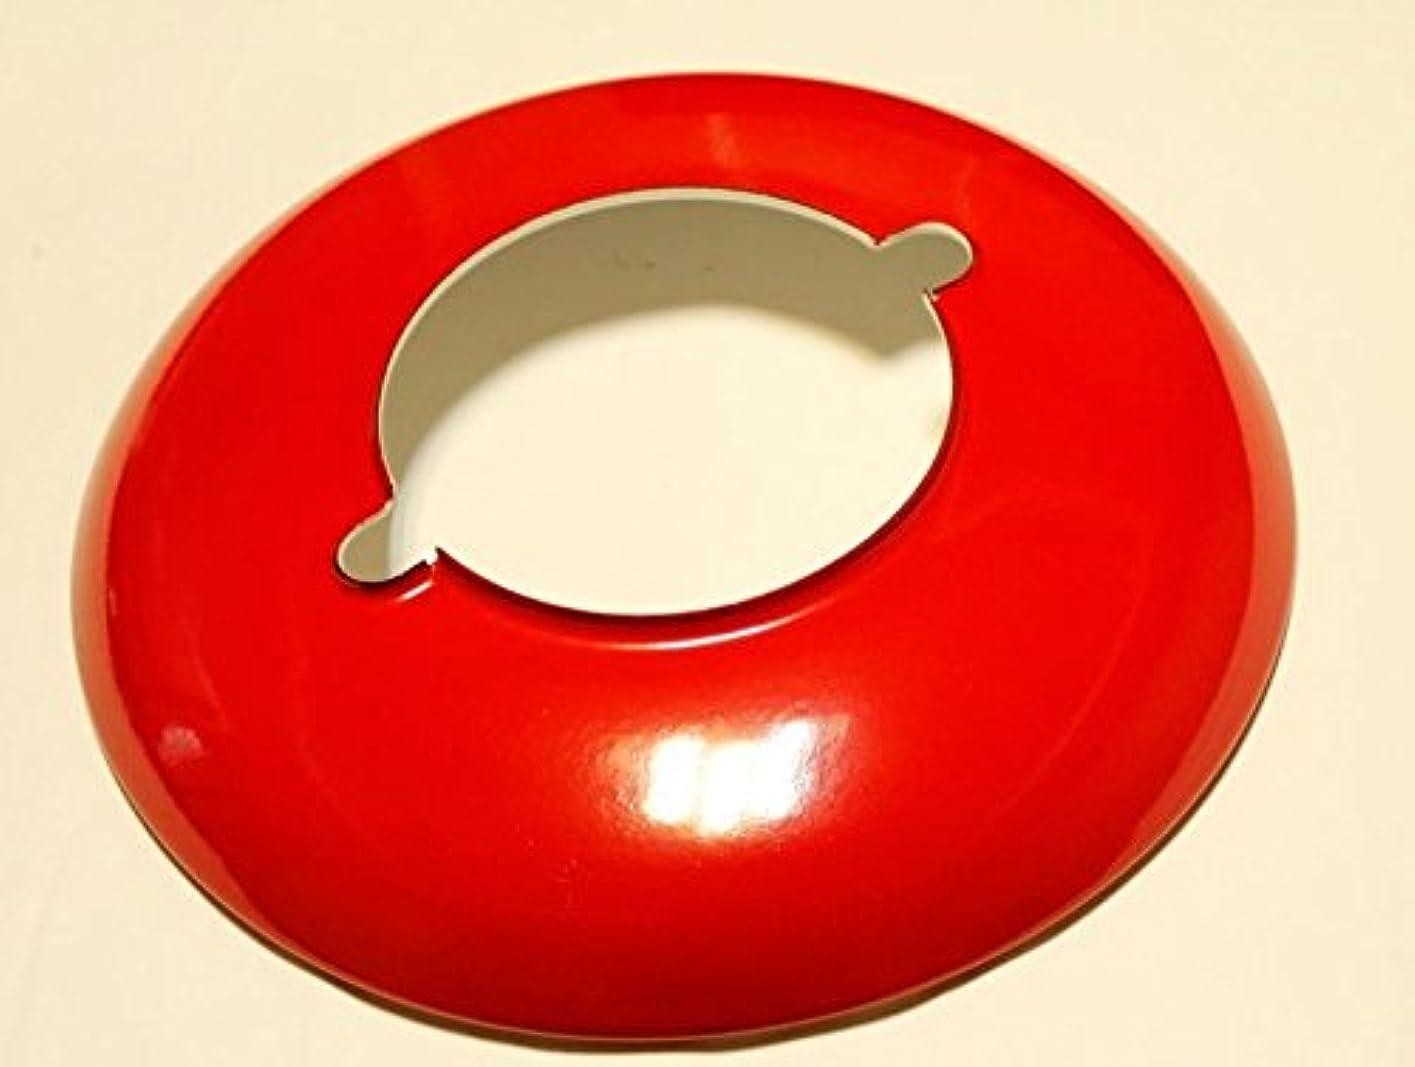 追い付く流用する処方するベイパラックス(Vapalux)  320/M320/300/310/315/M1/M1B/M320,  ビアルラディン(Bialaddin) 300X ランタンの 琺瑯レフレクター  赤色